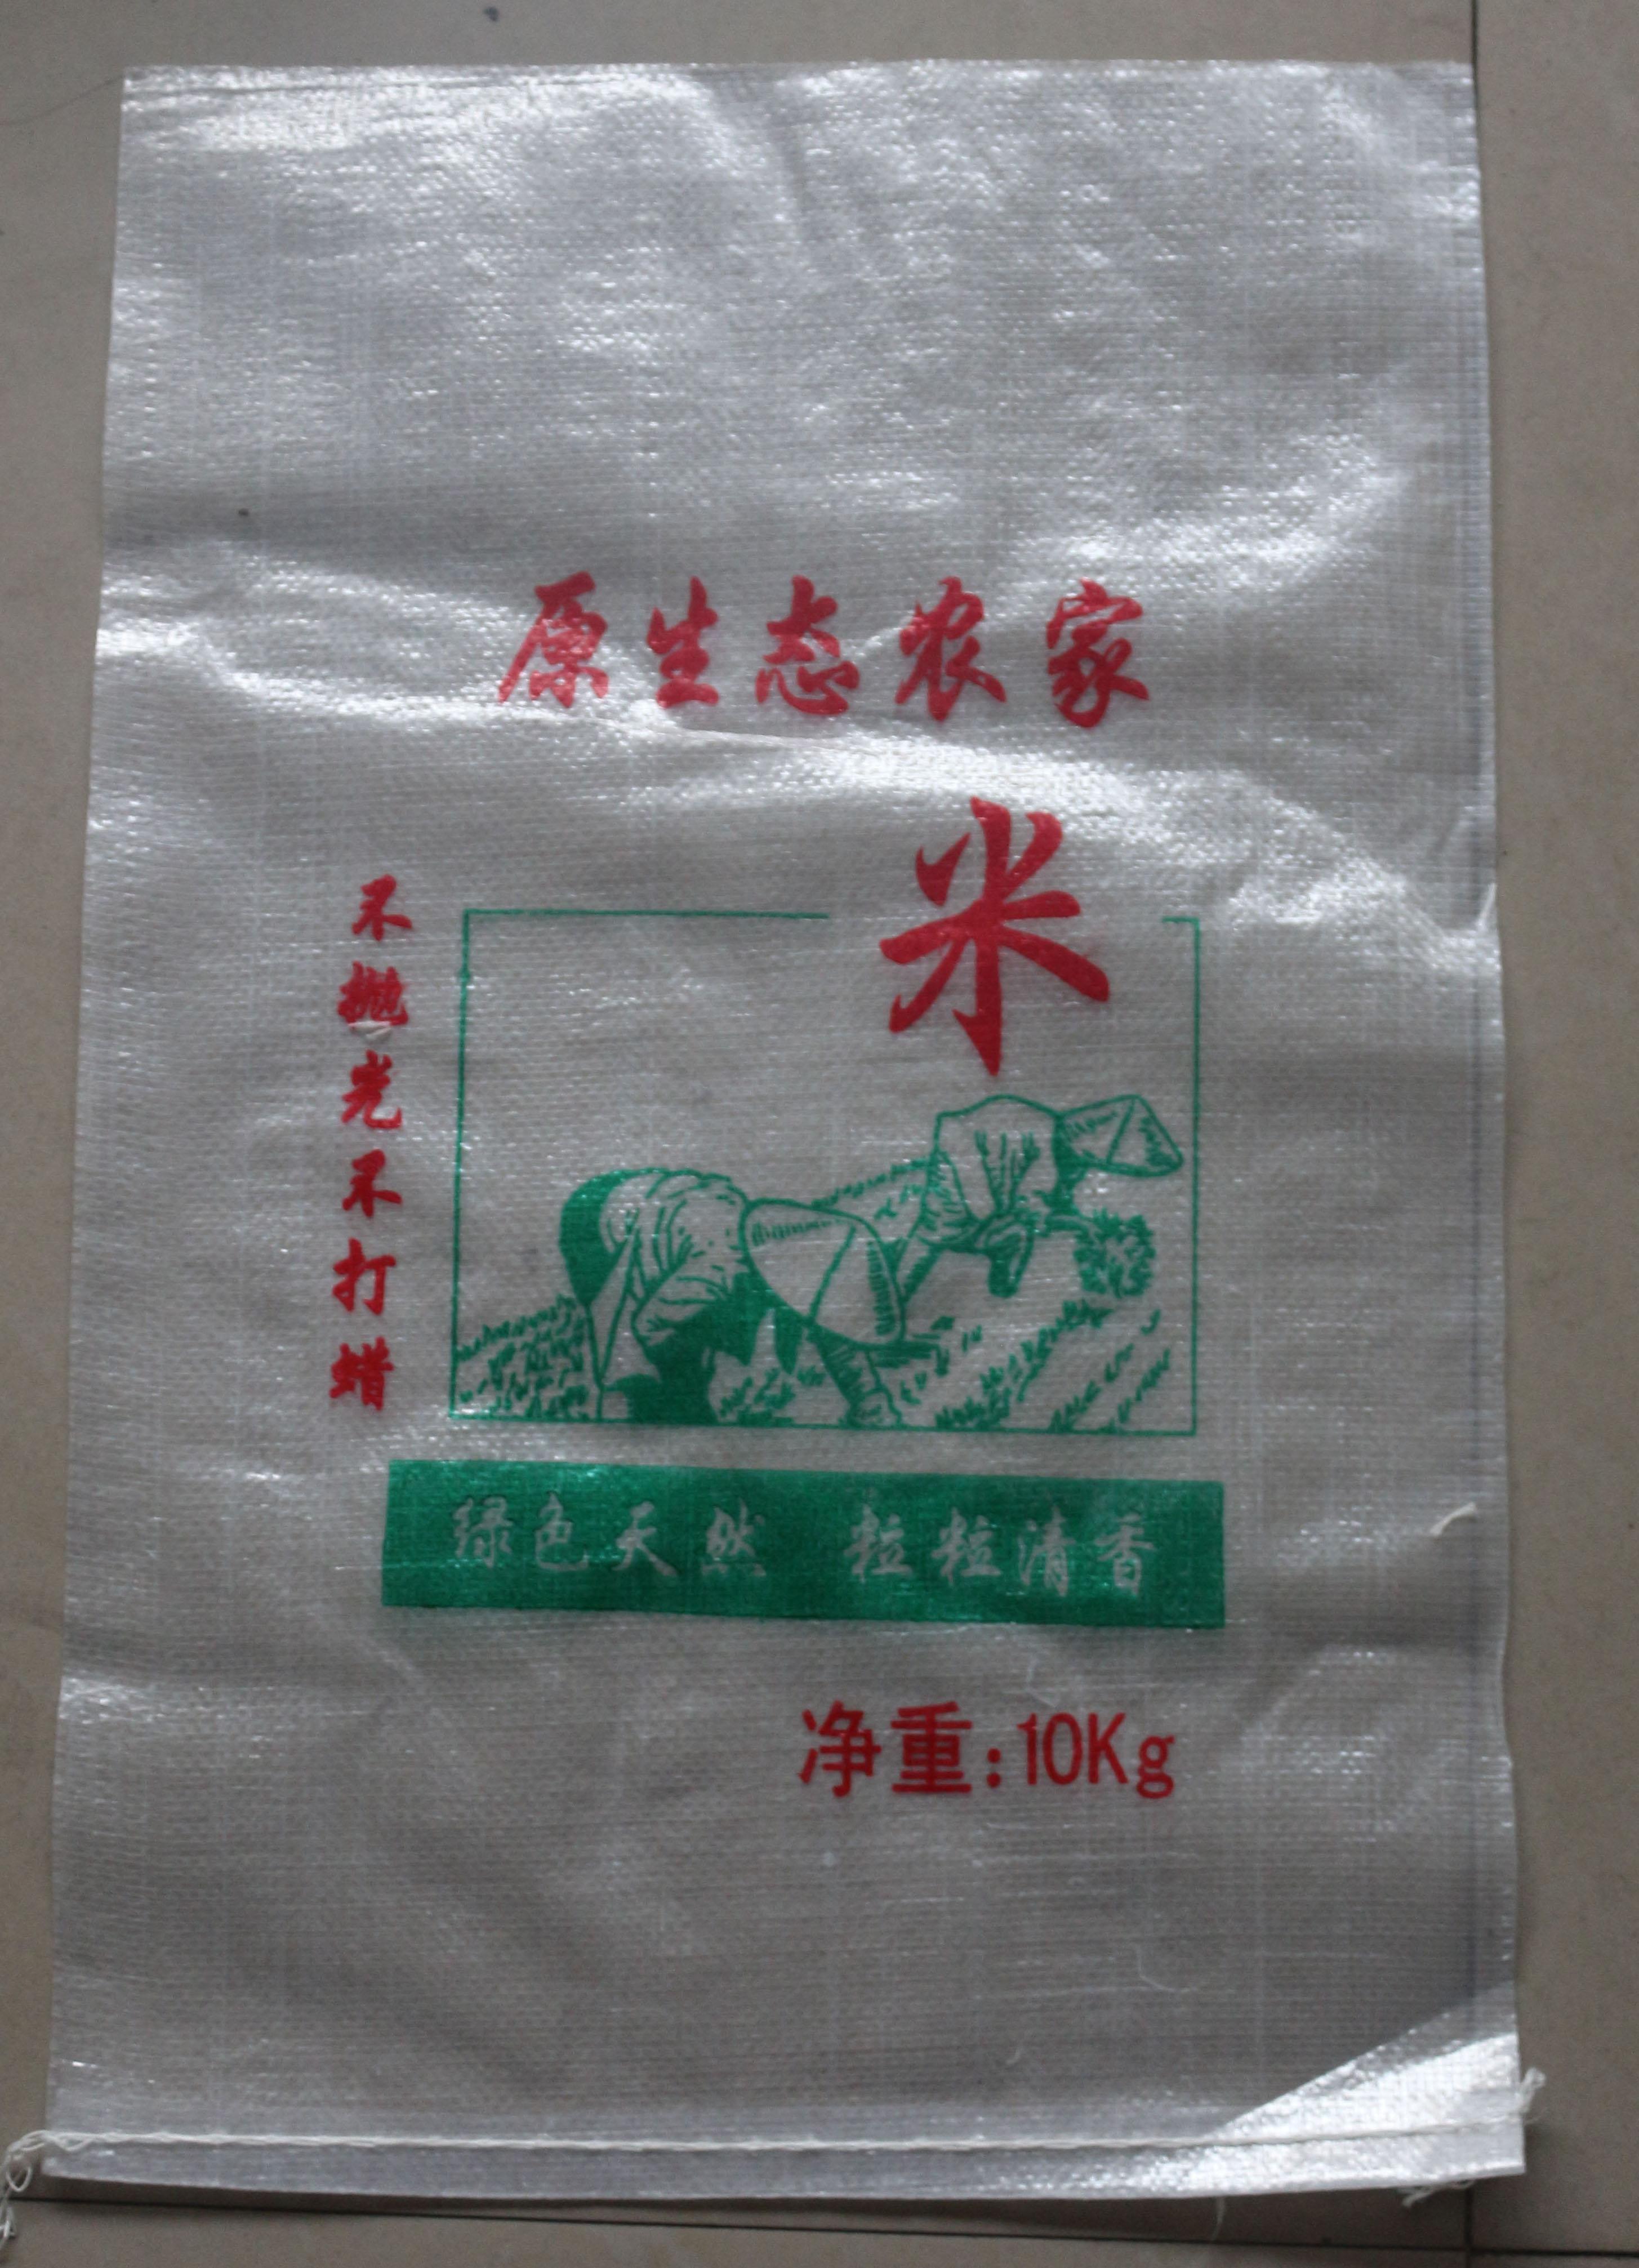 2.5-50编织袋透明包装农家大米粮食的一袋子公斤蛇皮口袋批发10